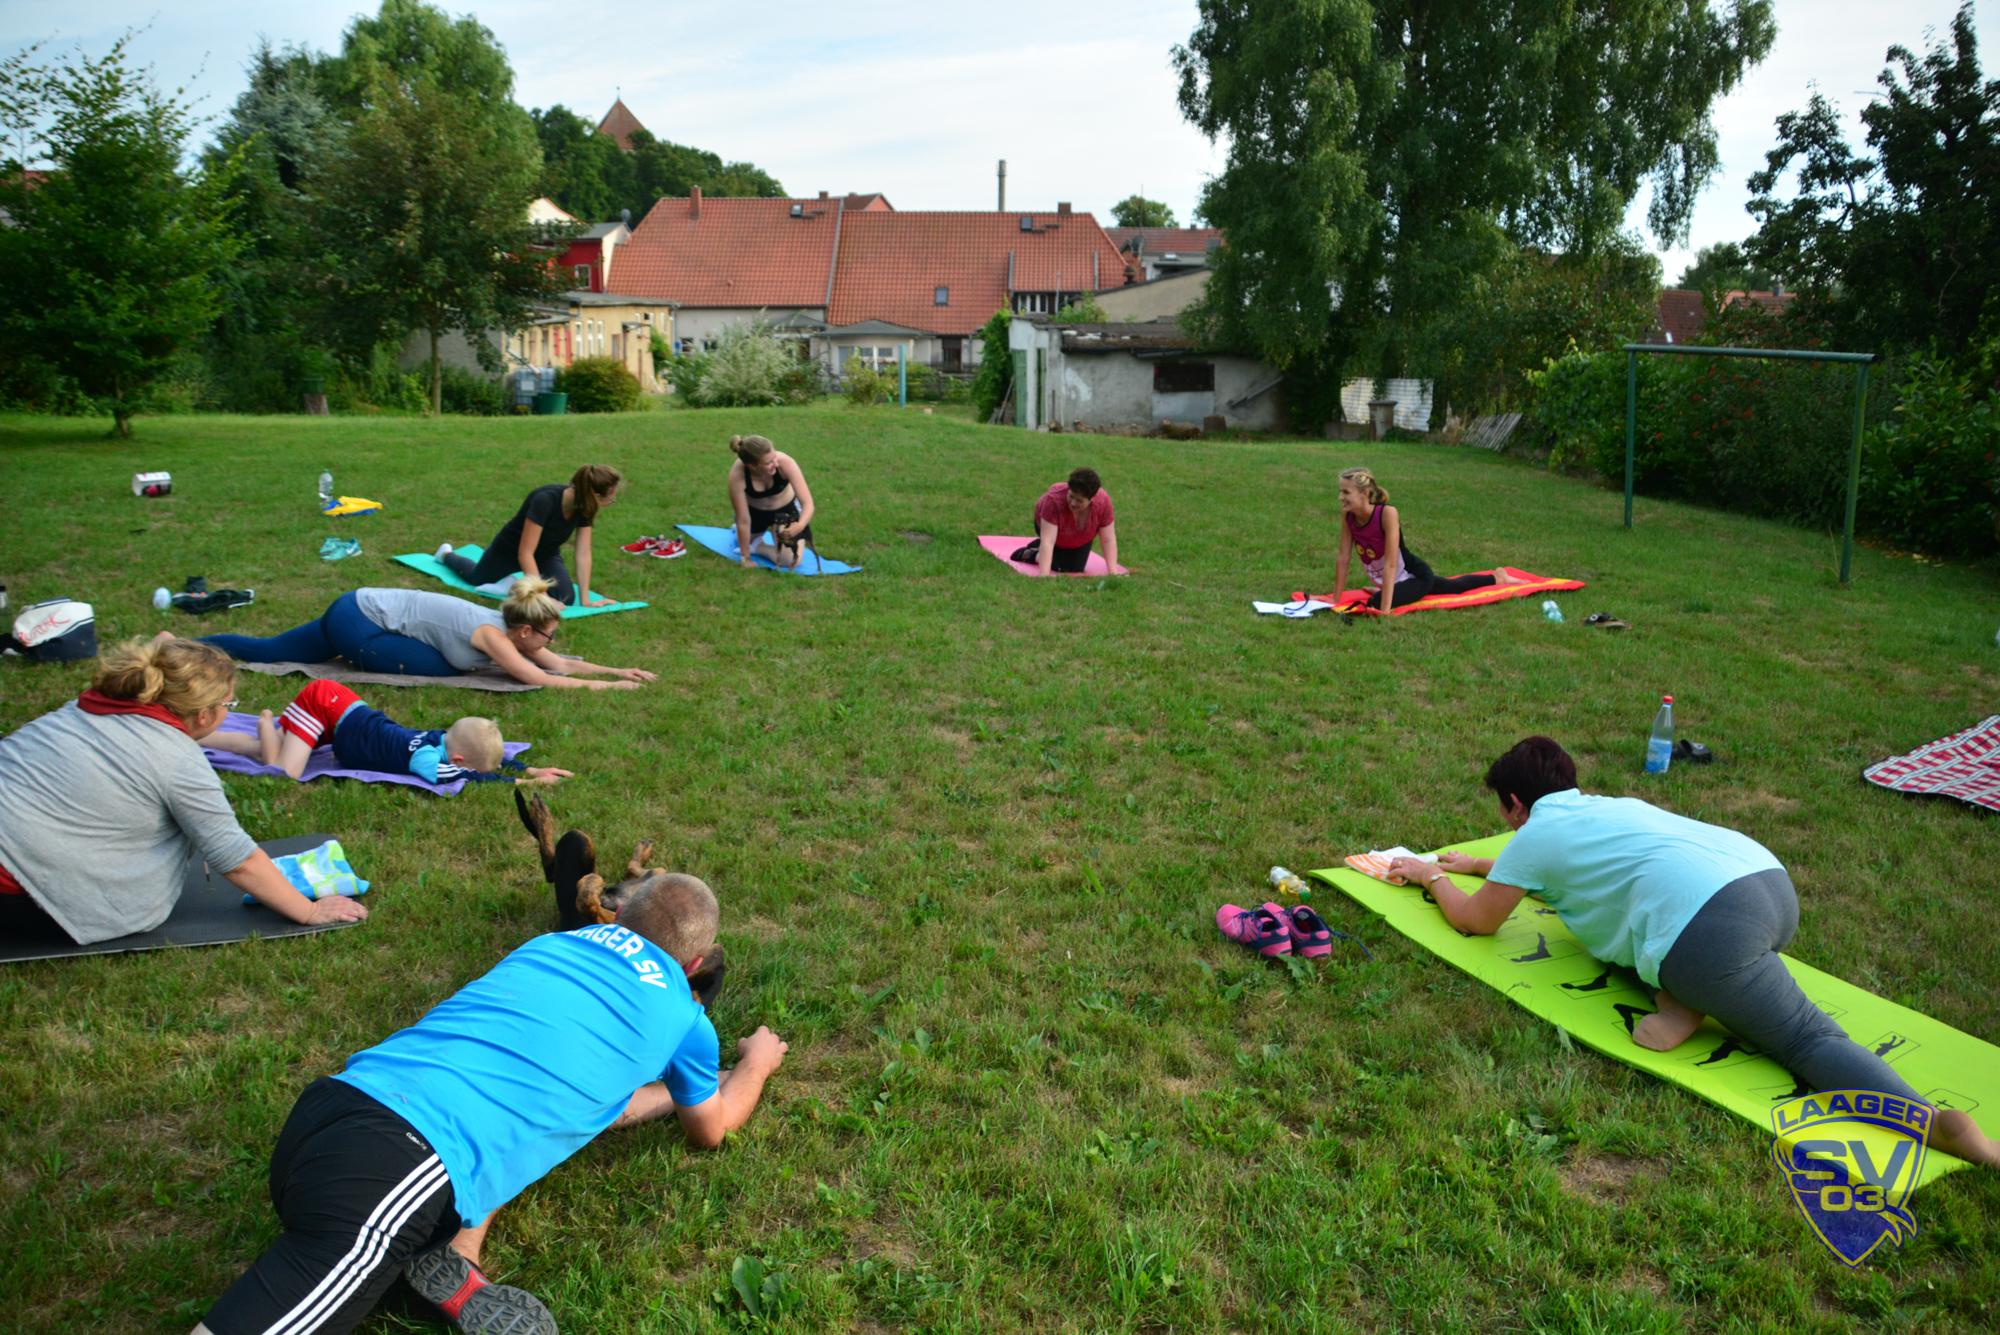 20180717 Laager SV 03 Fitness - Yoga (23).jpg